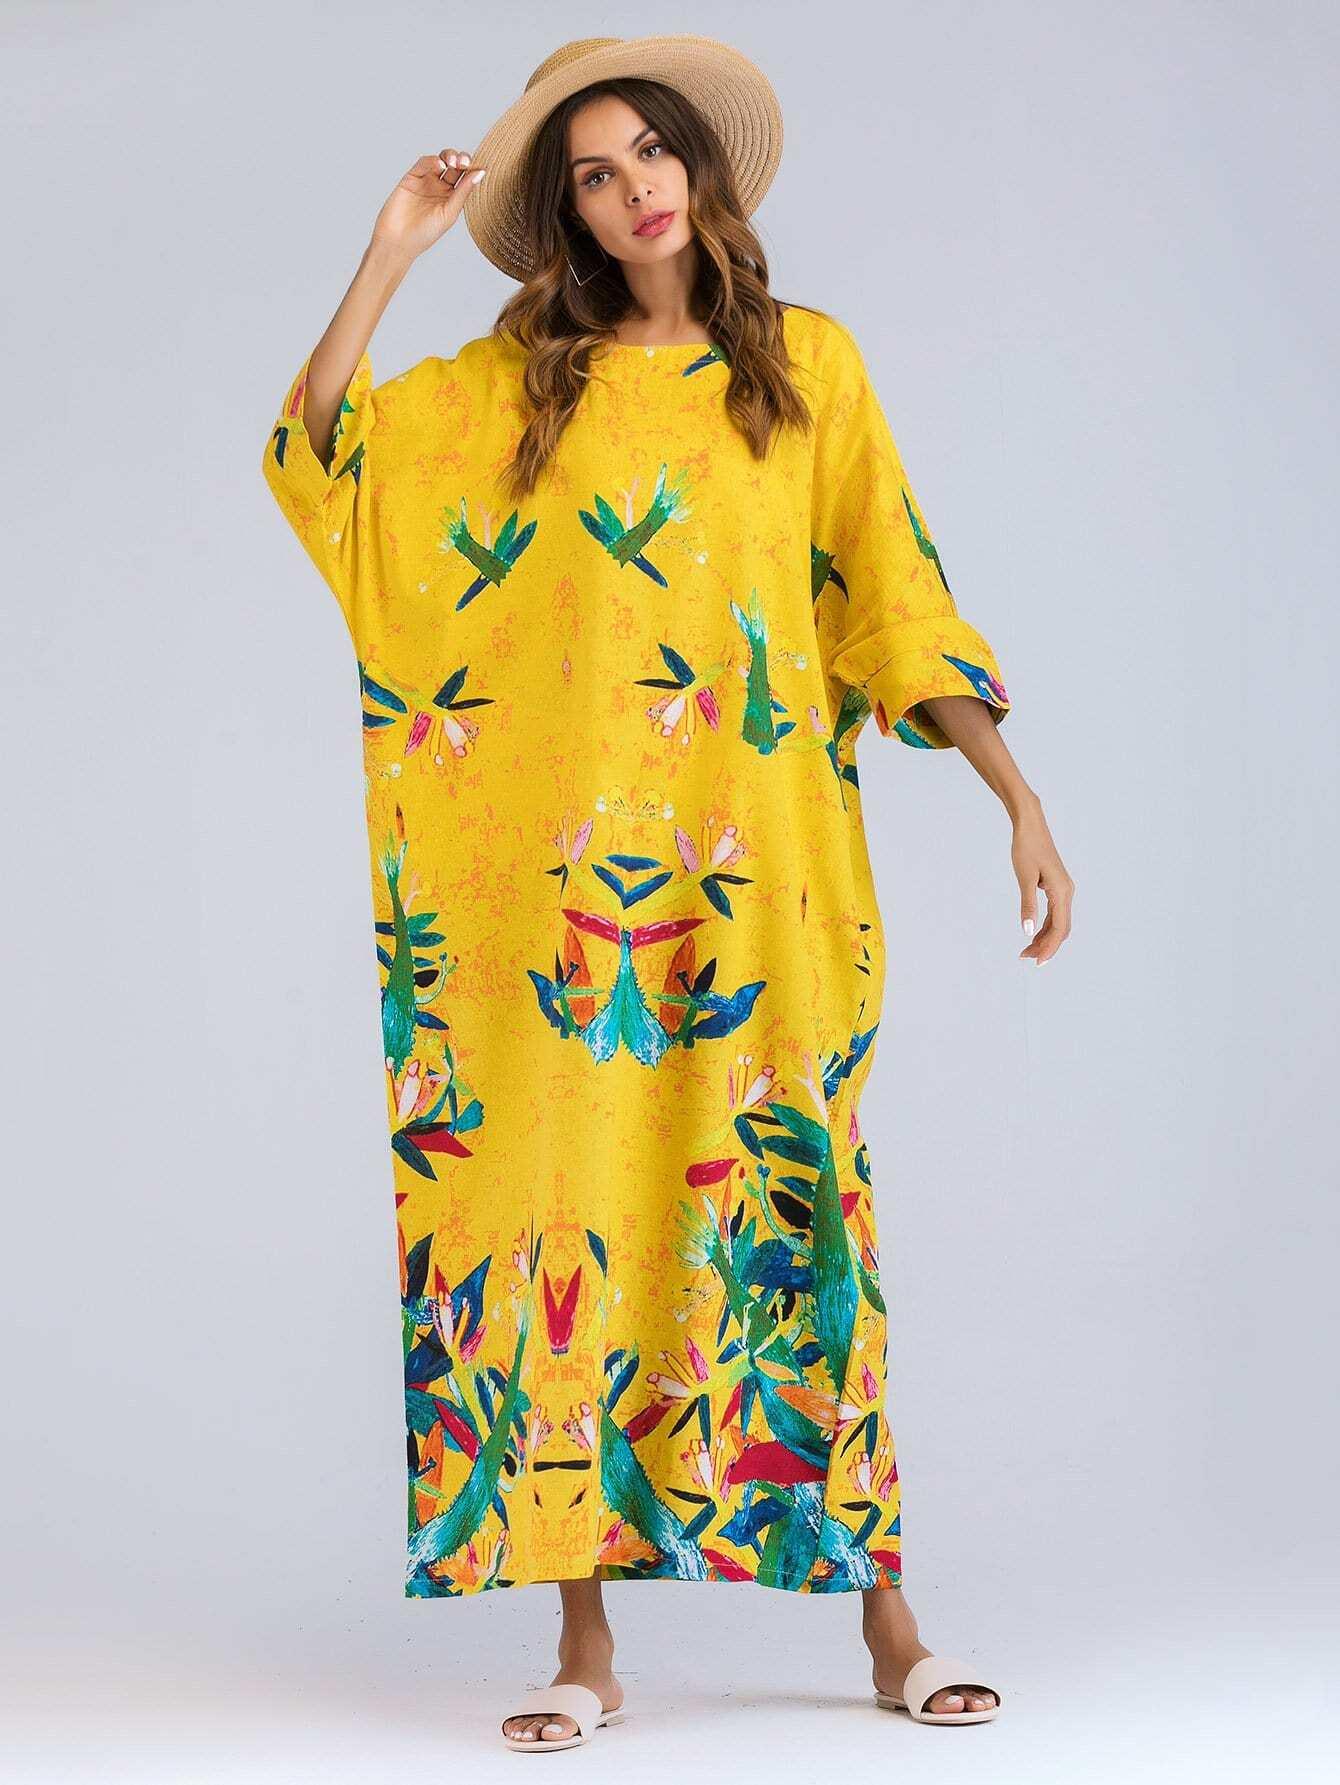 Купить Graffiti Print Longline Dress